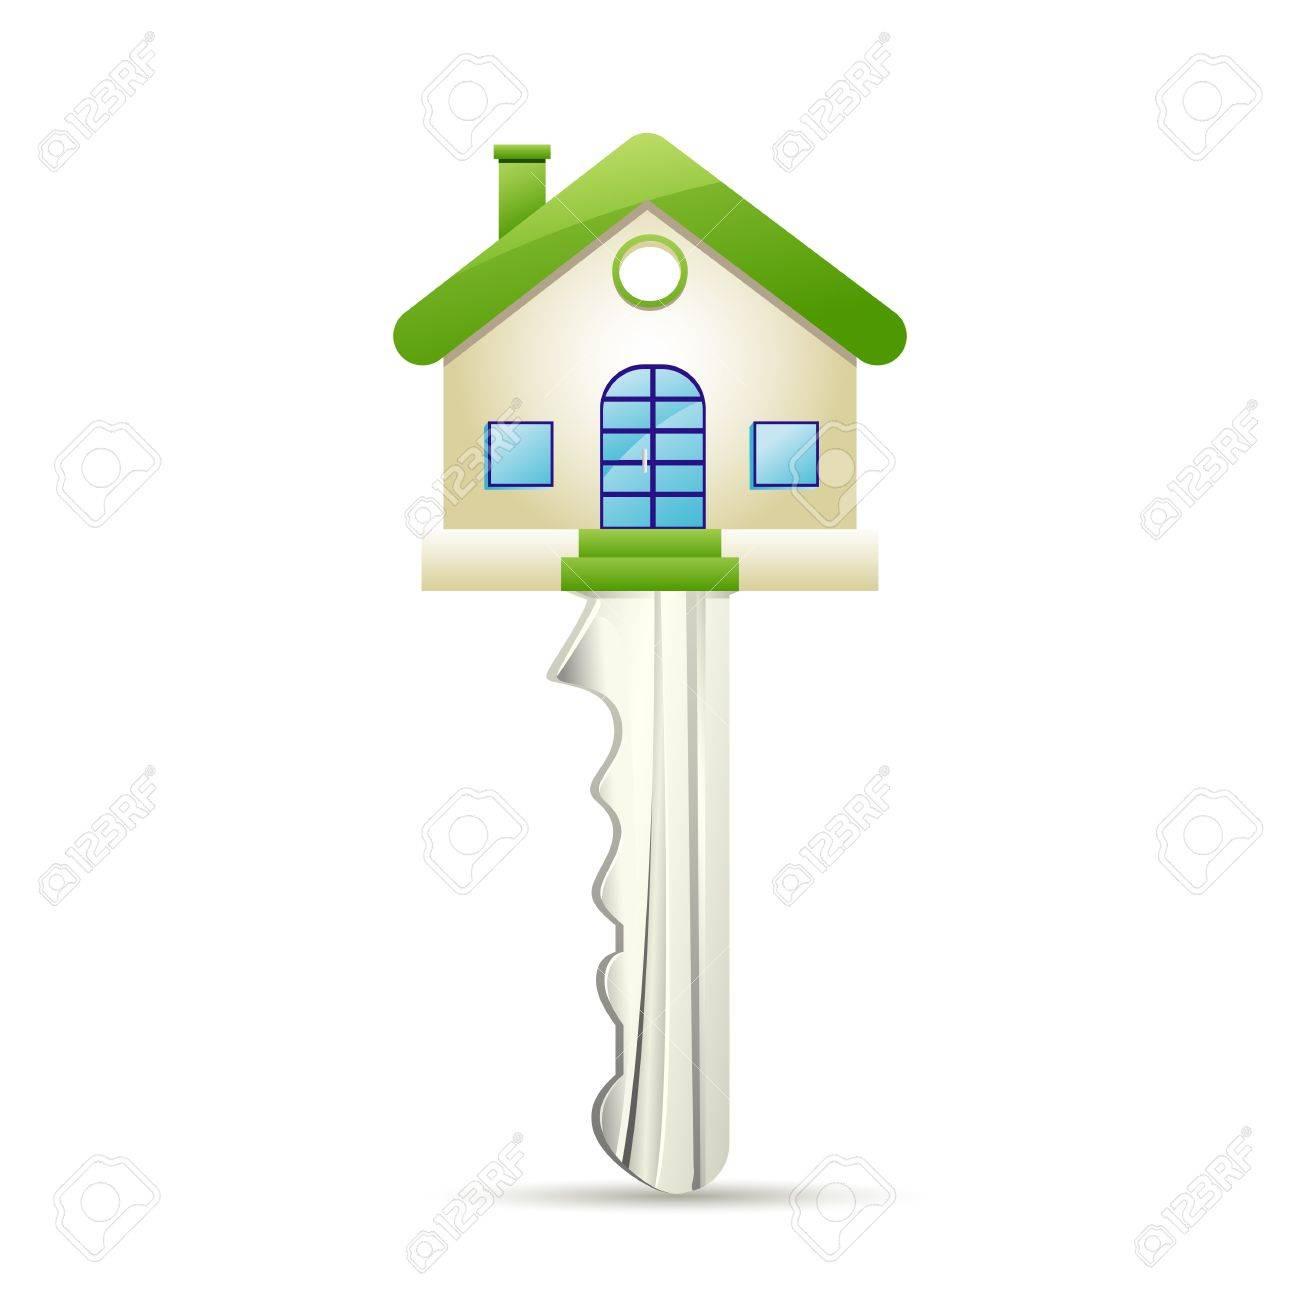 illustration of dream house key on white background Stock Vector - 13226779